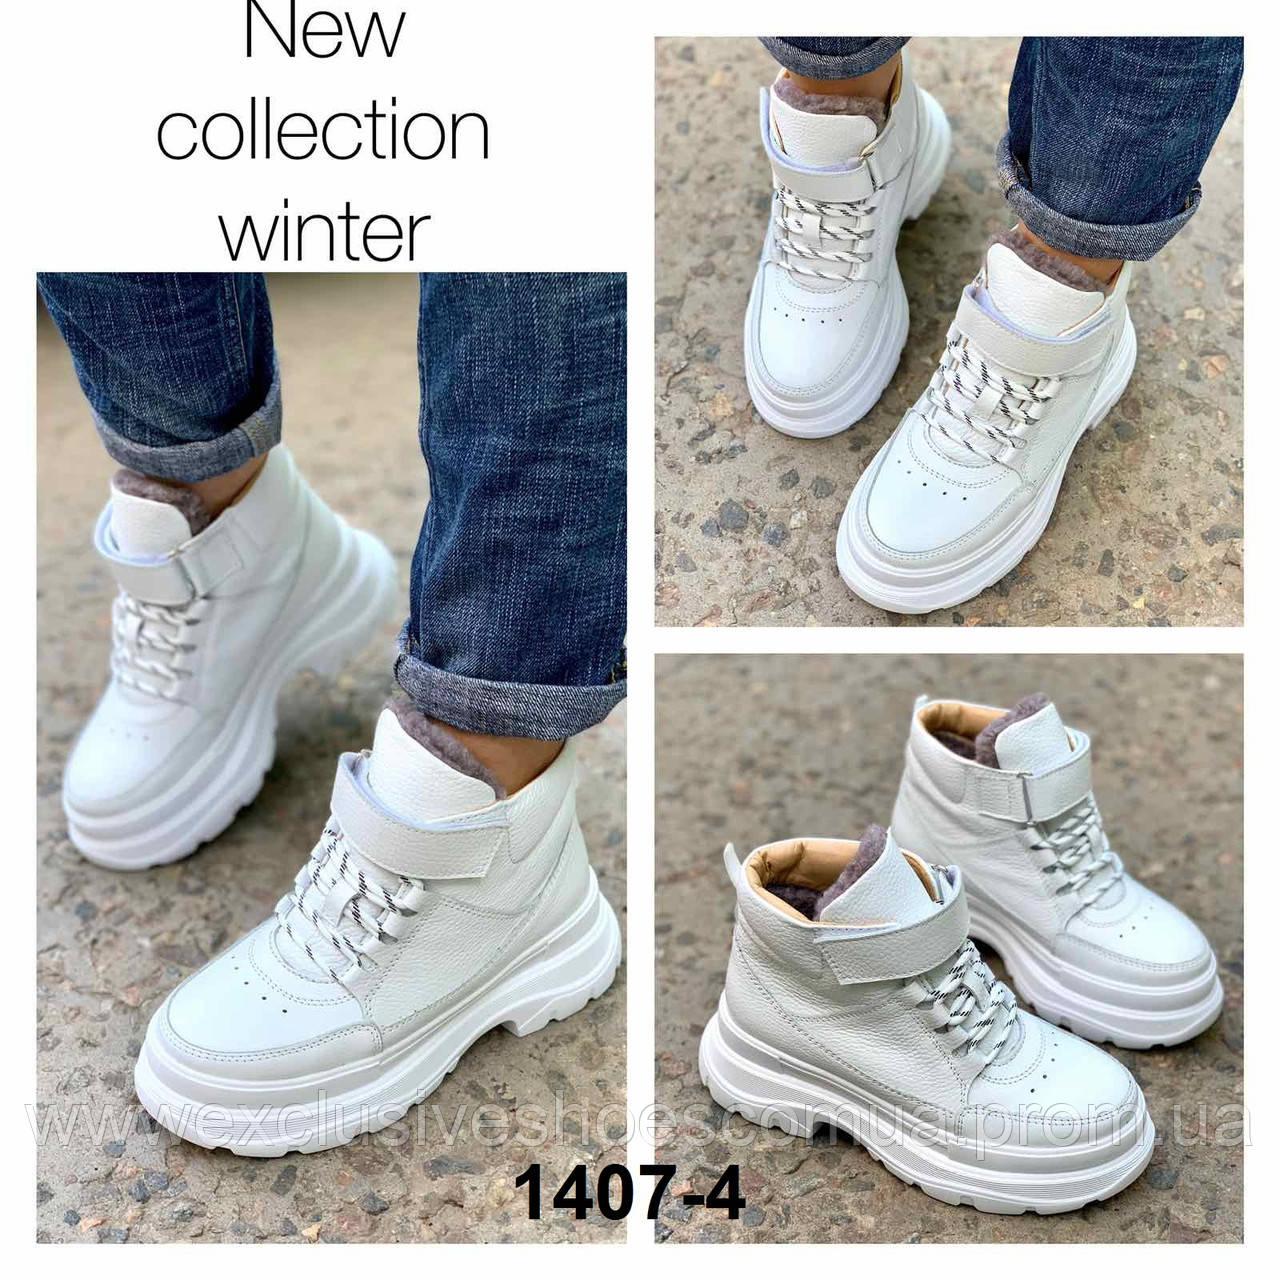 Ботинки женские зимние кожаные белые